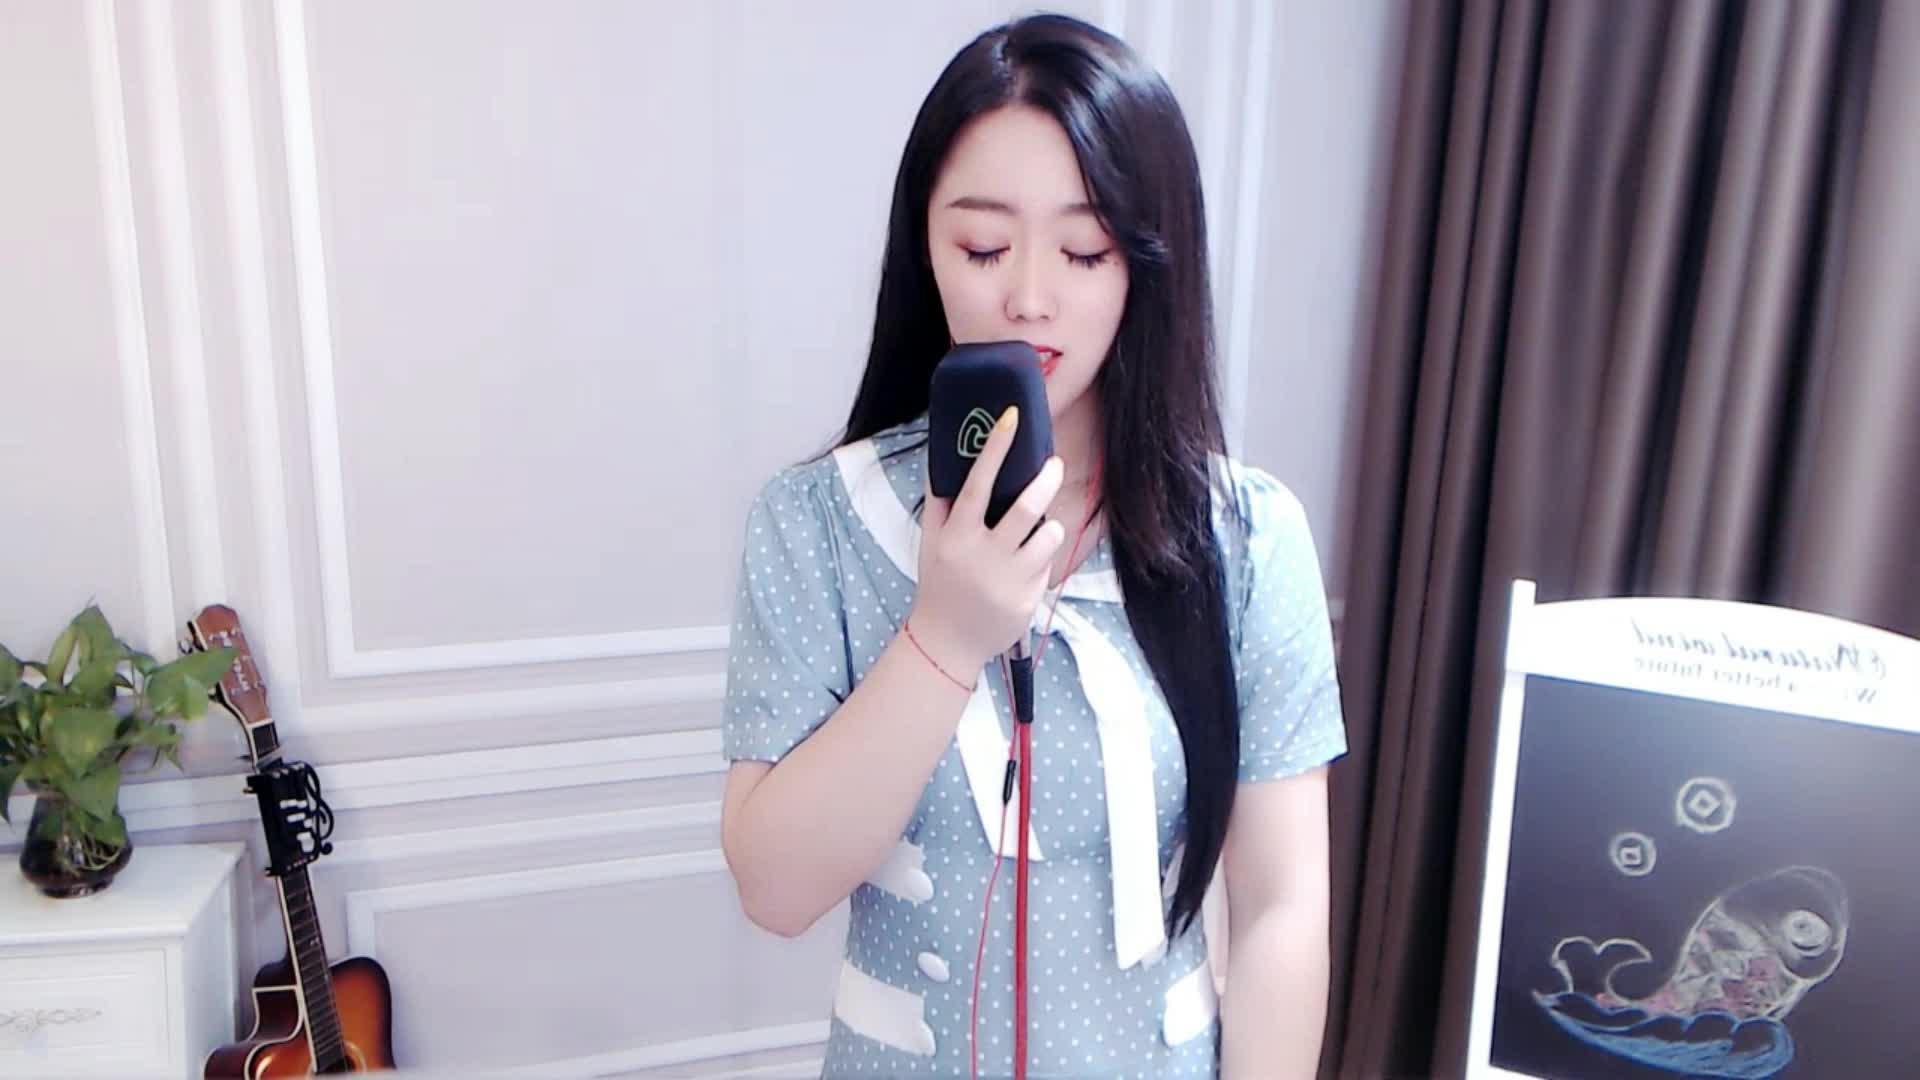 舞帝?.小熙若 - 后來我去北京找過你2019.08.15